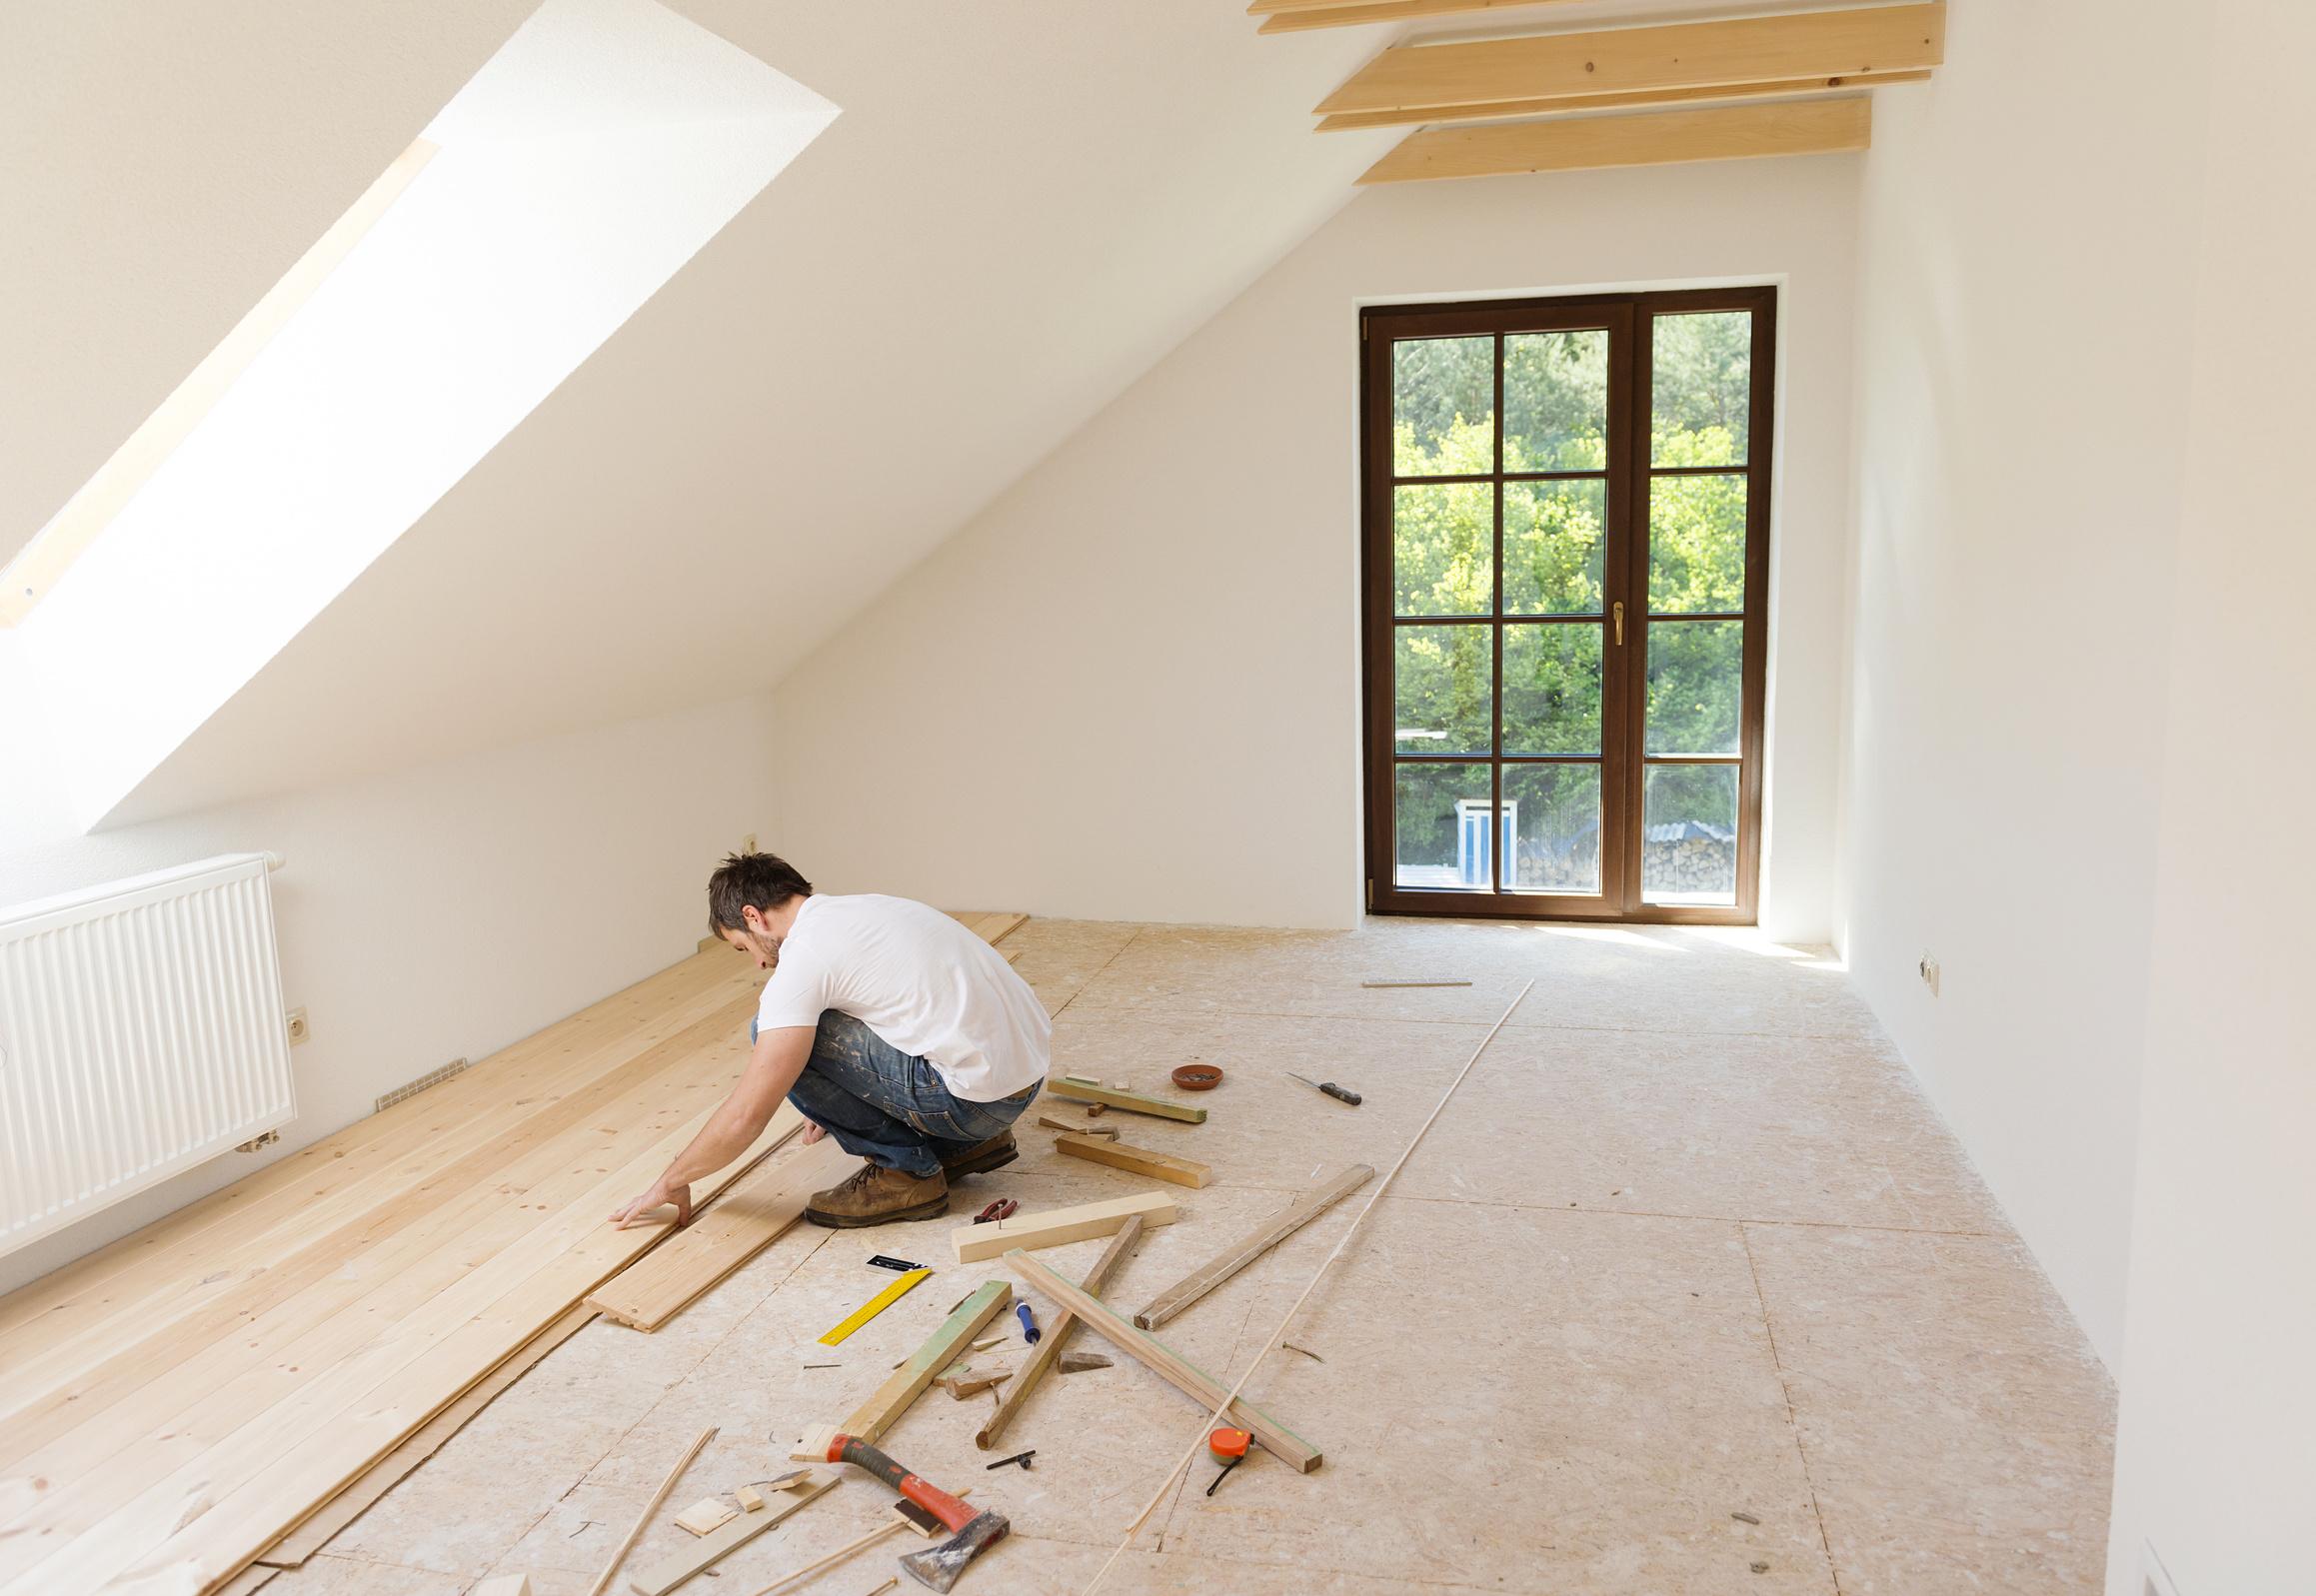 Gute Luft in Innenräumen in Gefahr | Umweltbundesamt